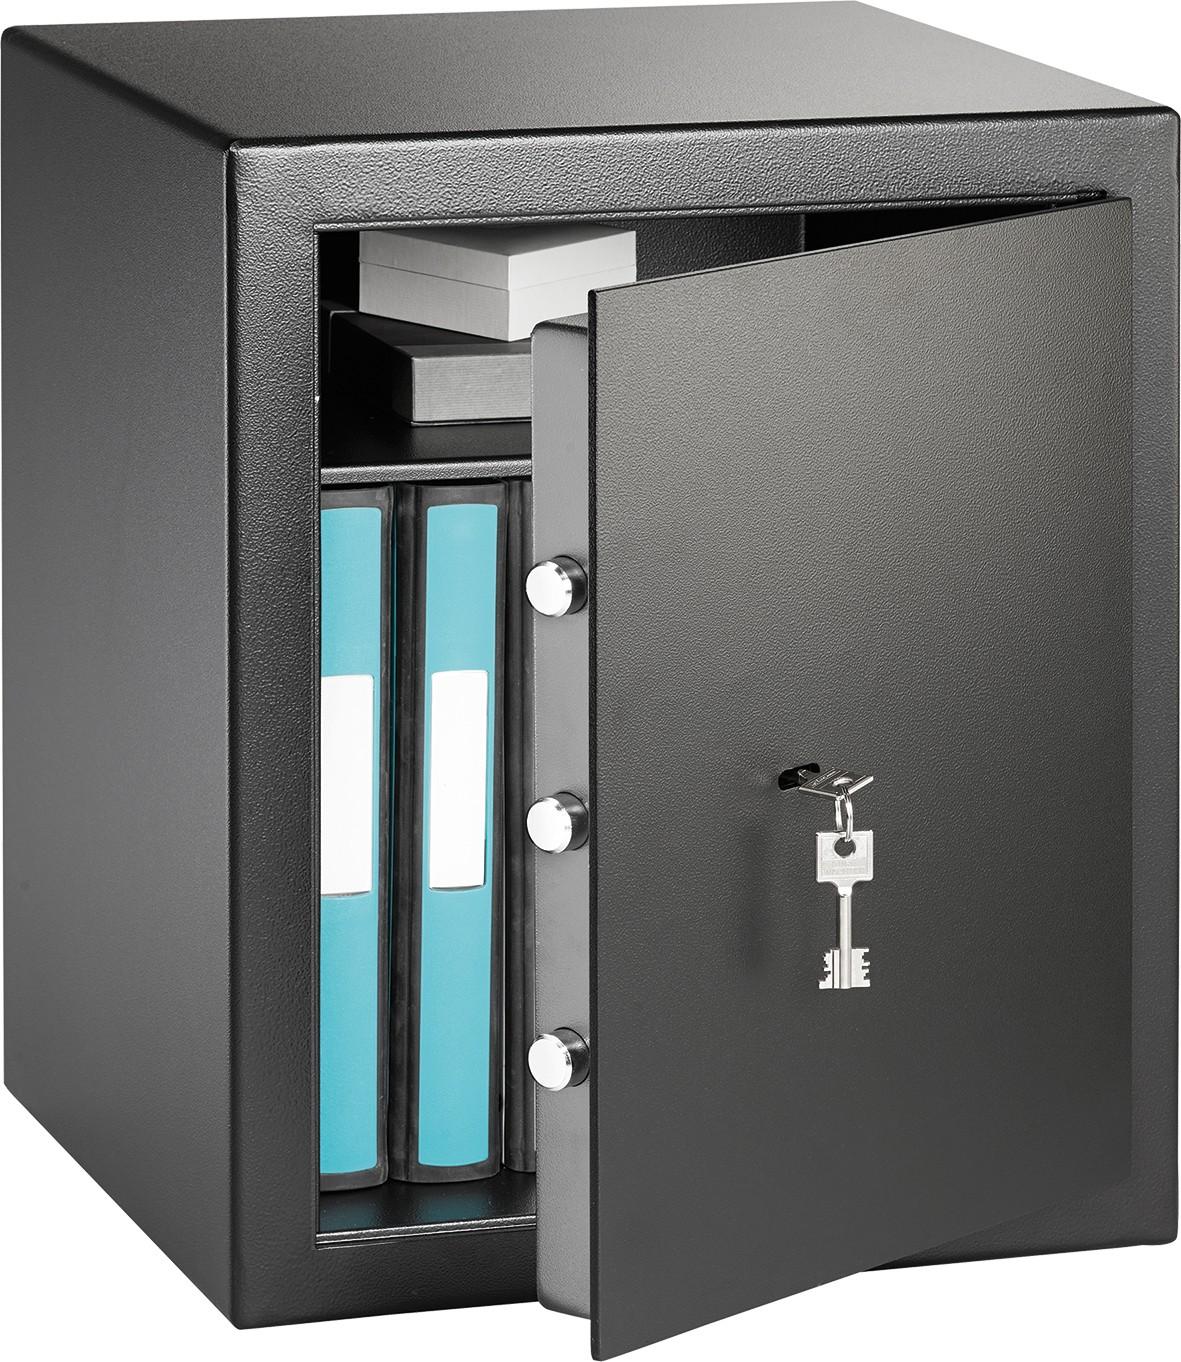 burg w chter tresor home safe m beltresore tresore. Black Bedroom Furniture Sets. Home Design Ideas